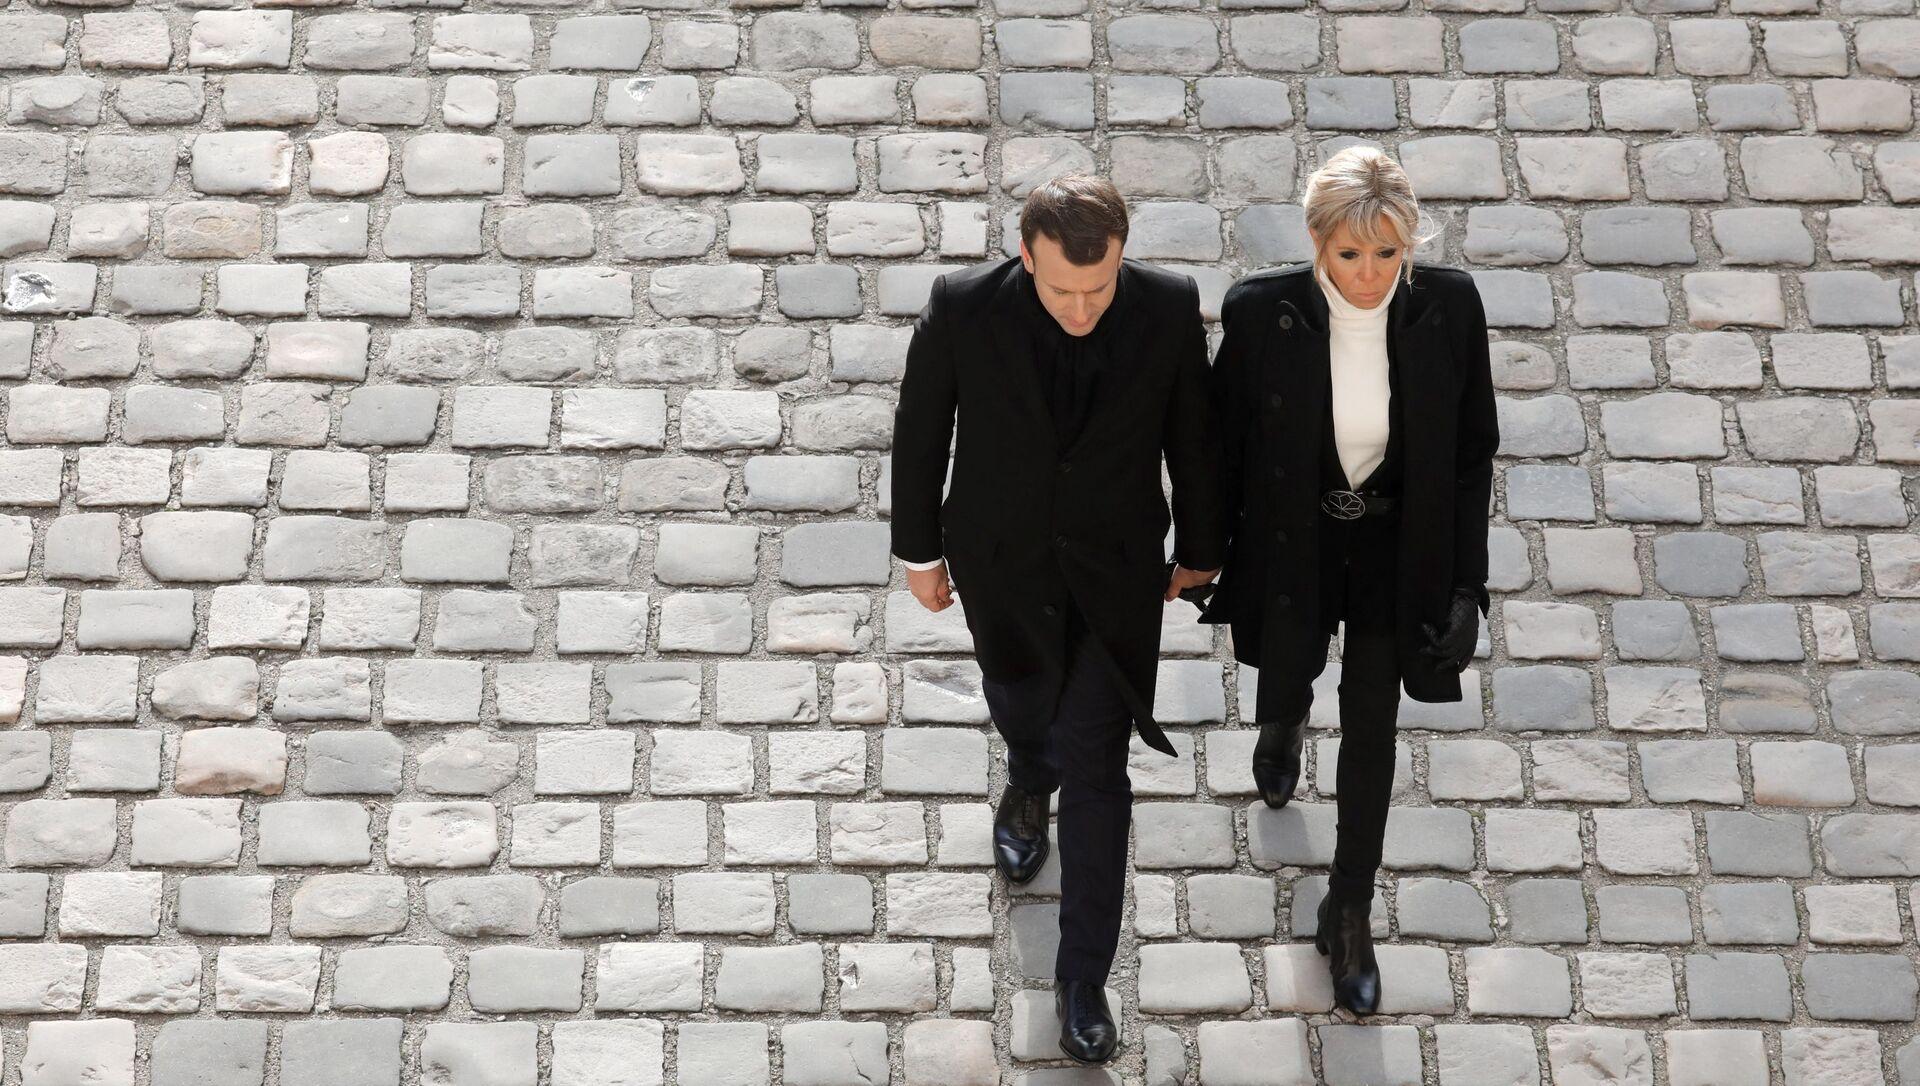 Президент Франции Эммануэль Макрон (слева) и его жена Брижит Макрон в Париже, 8 декабря 2017 года. - Sputnik Азербайджан, 1920, 21.07.2021